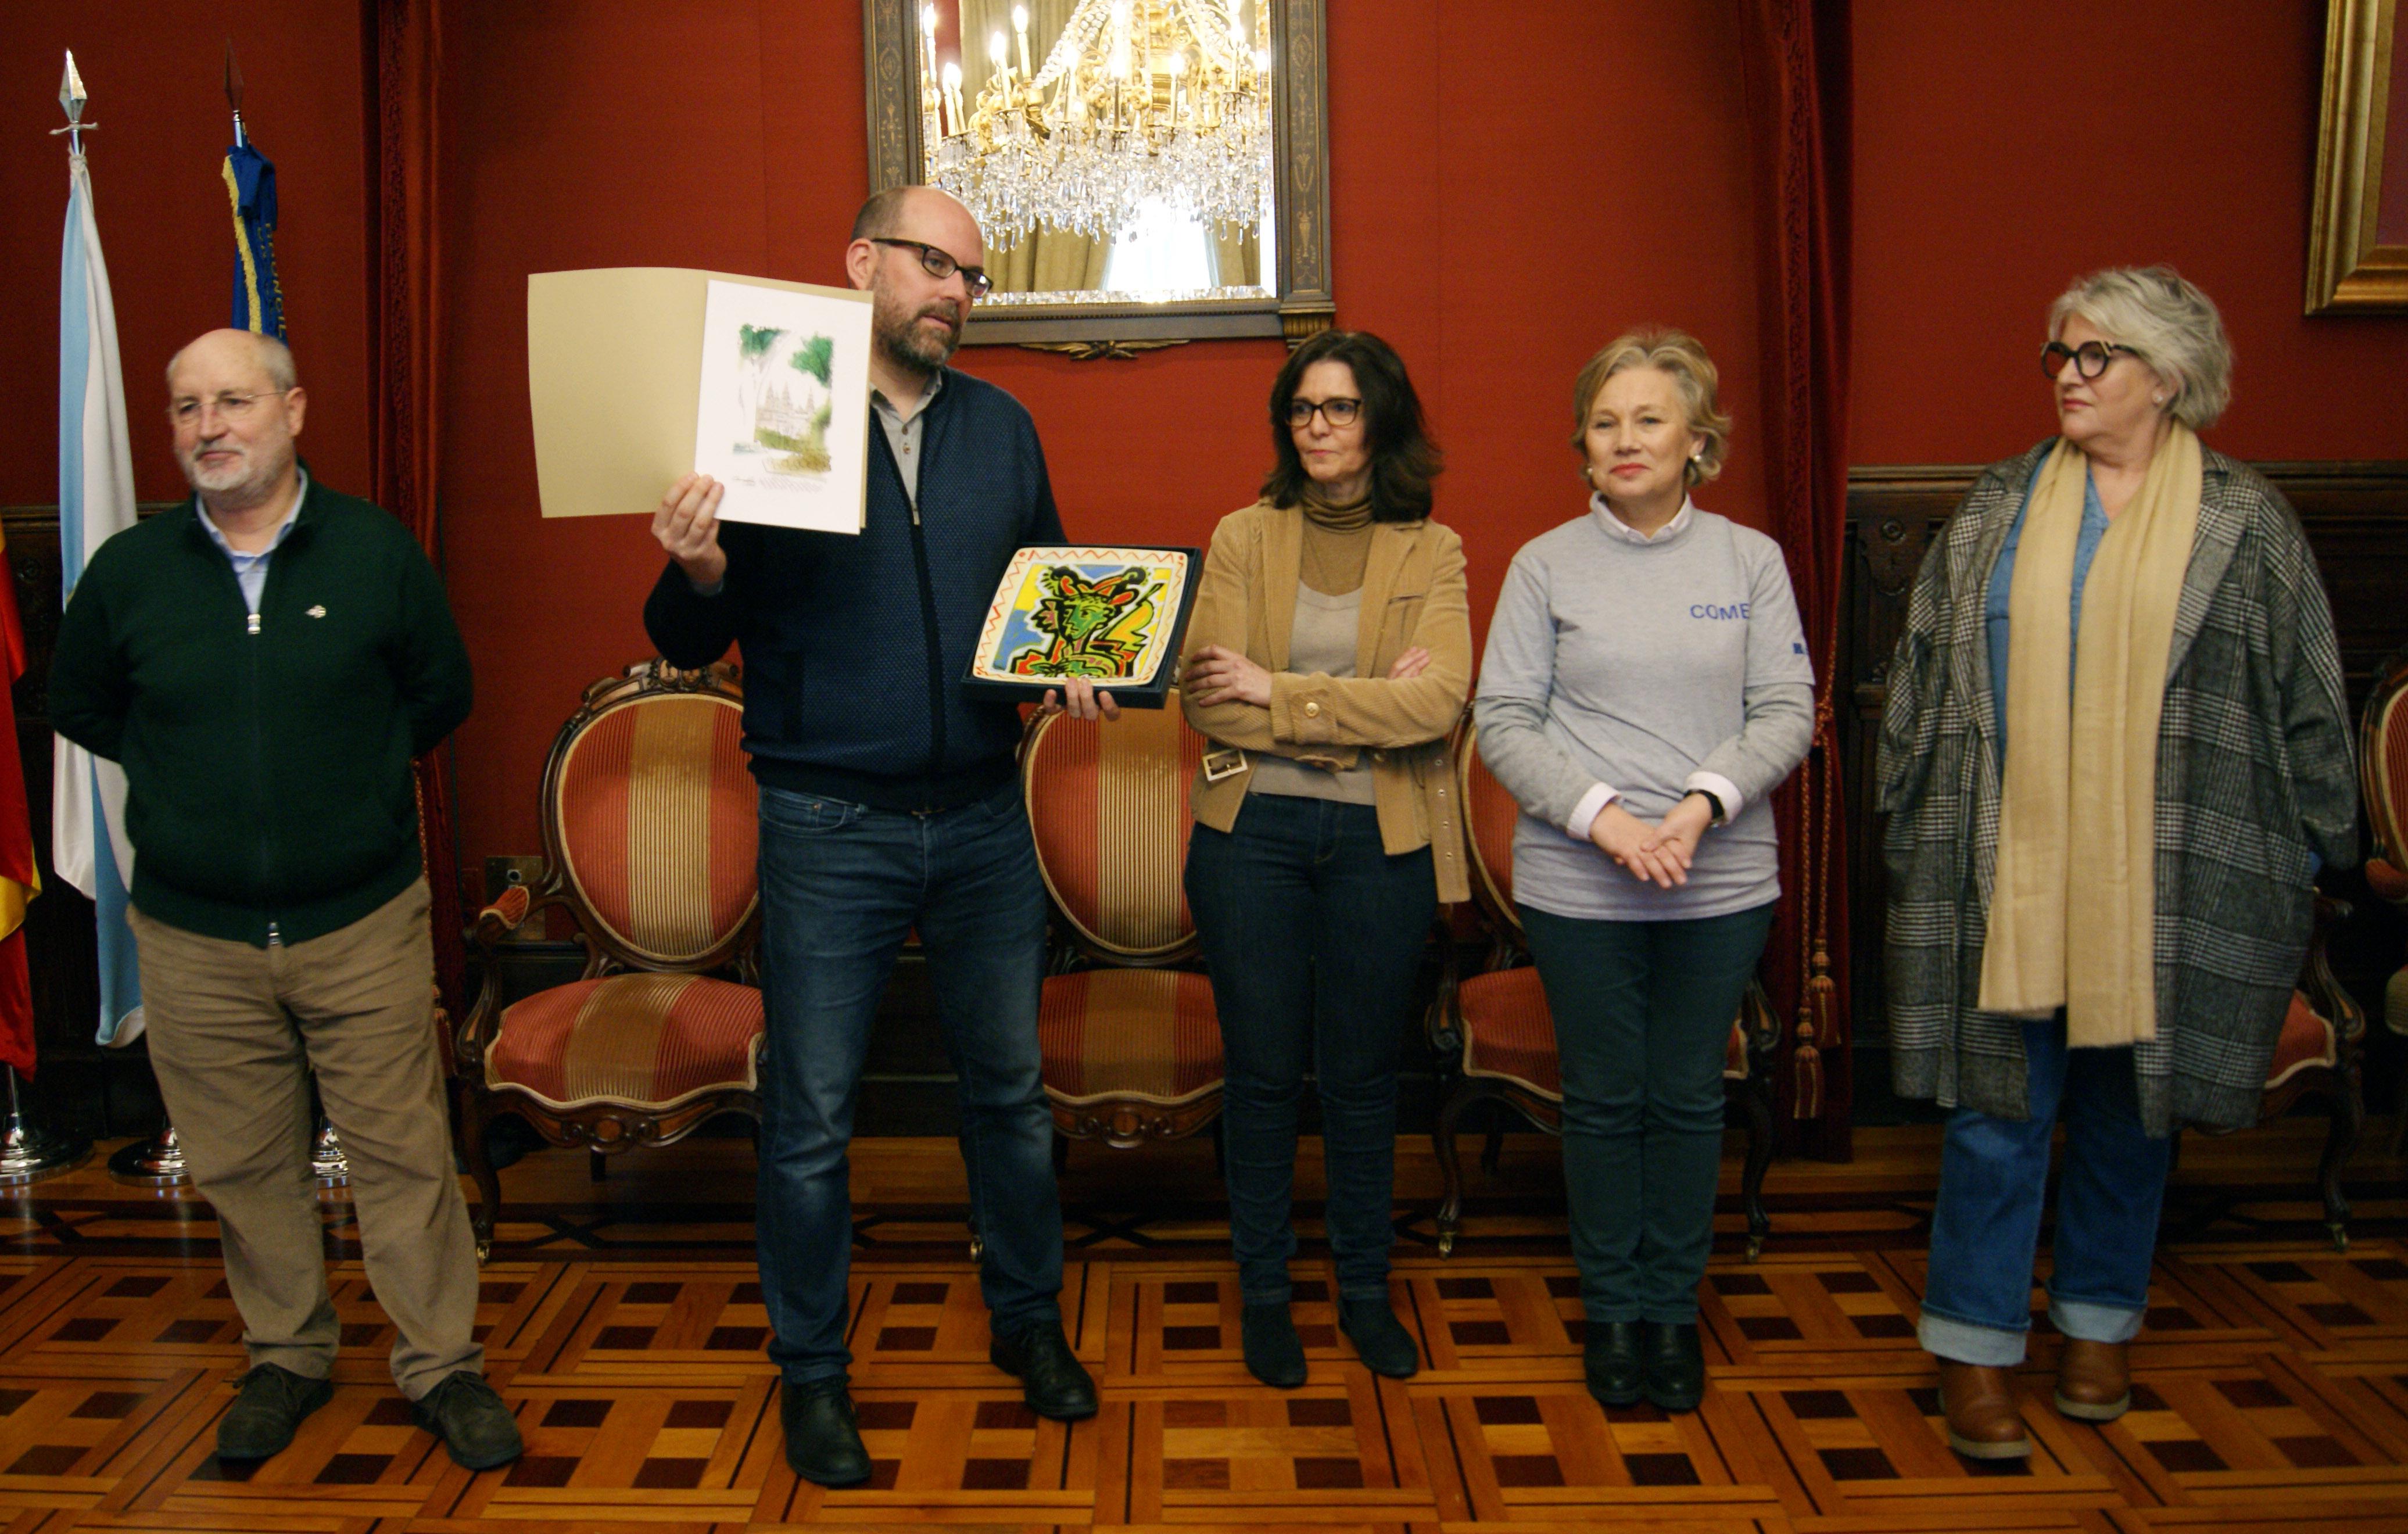 Martiño Noriega amosa os agasallos para os colexios en lembranza do seu paso por Santiago de Compostela.